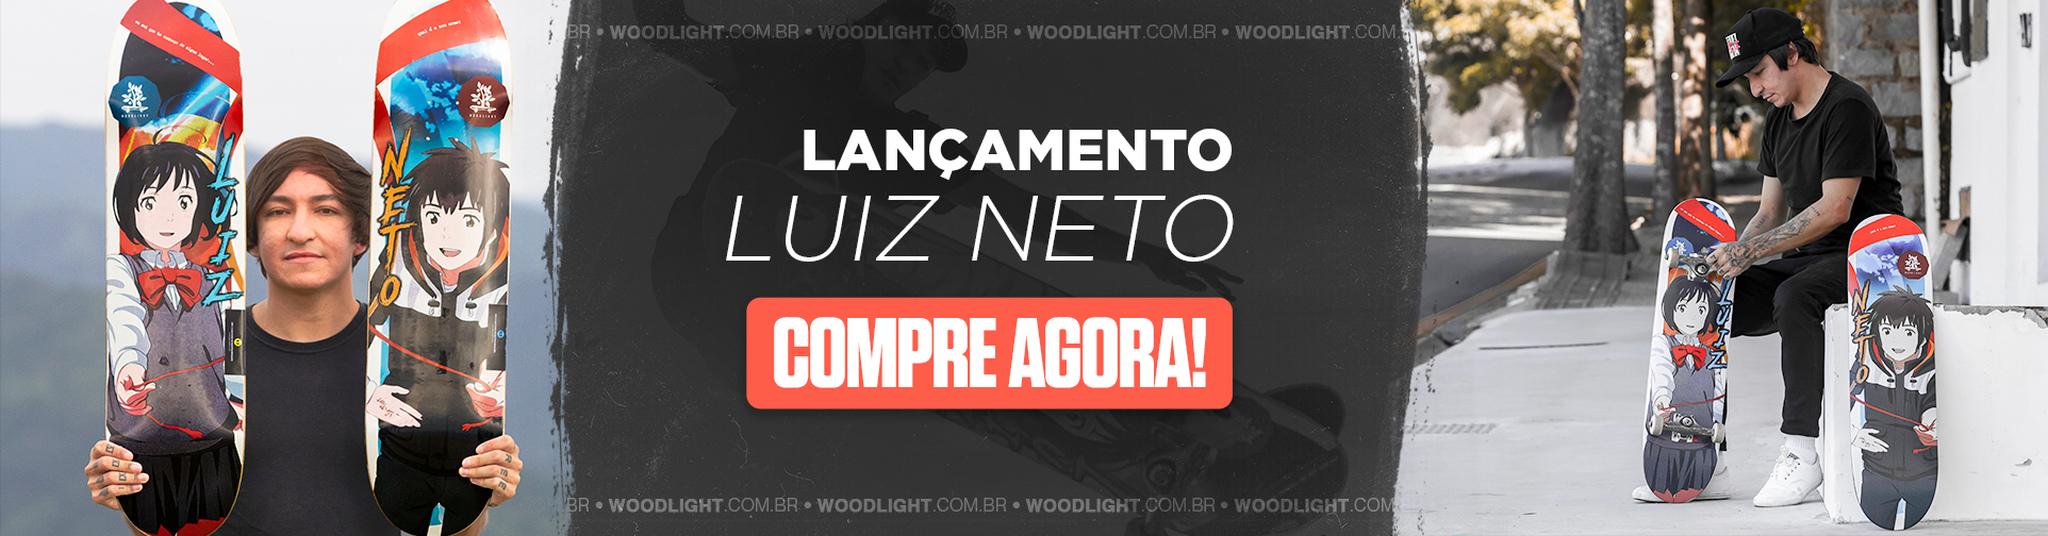 Pro Model Luiz Neto